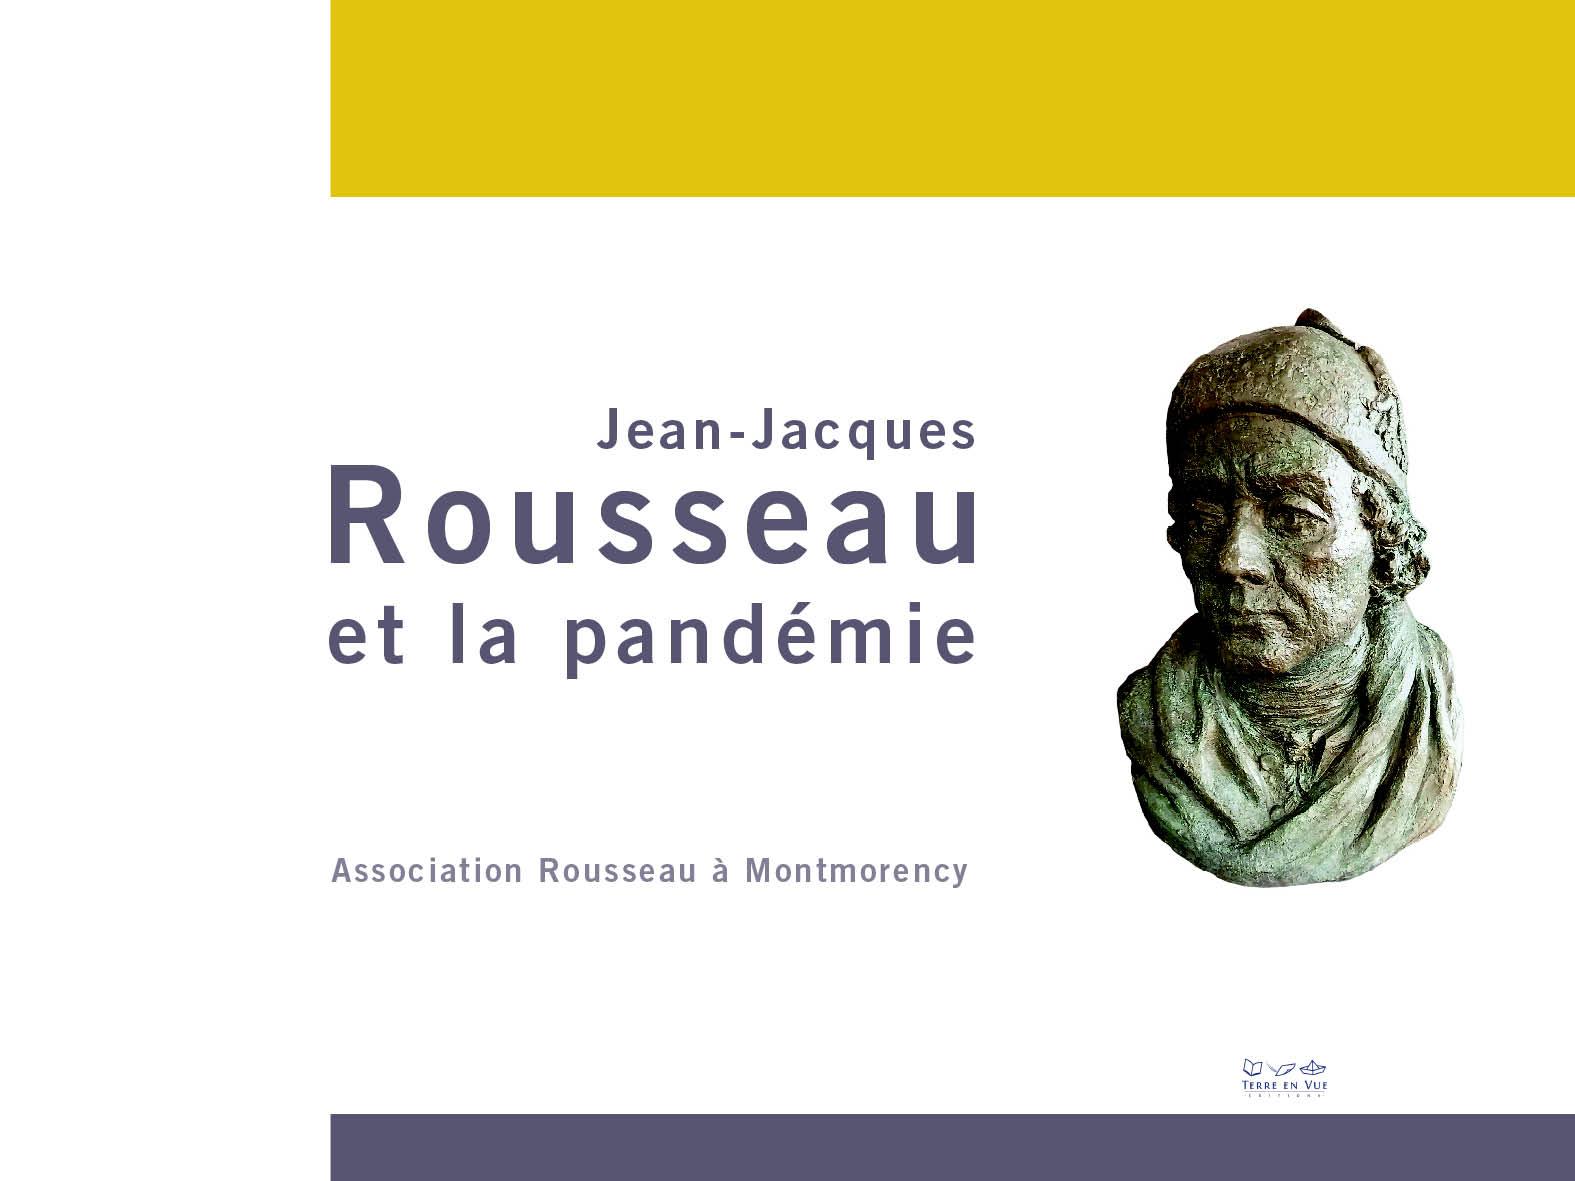 Jean-Jacques Rousseau et la pandémie